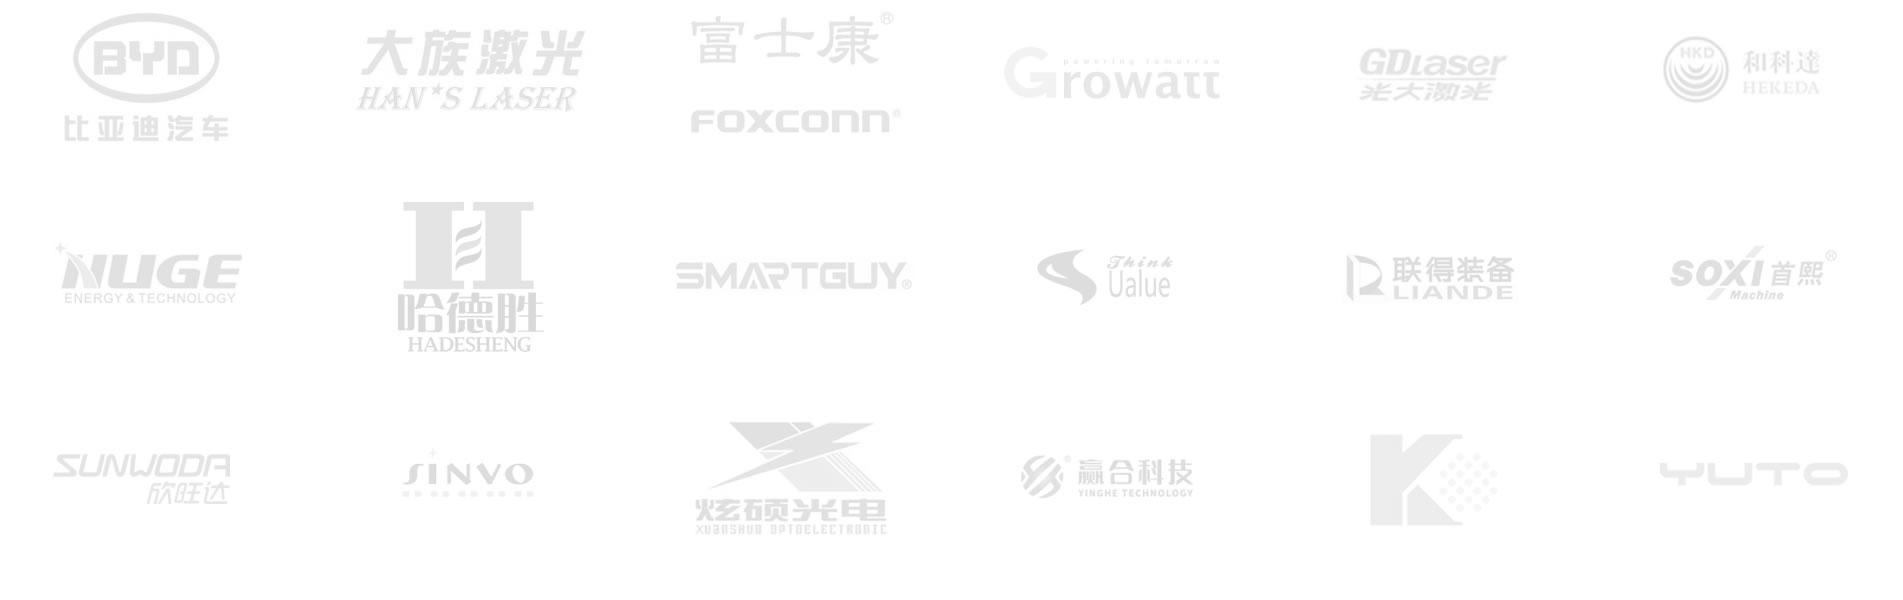 CSJT,东方鼎盛科技,非标自动化定制,自动化外协,非标设备整体解决方案,自动化生产线定制,工厂自动化定制,FA自动化零件